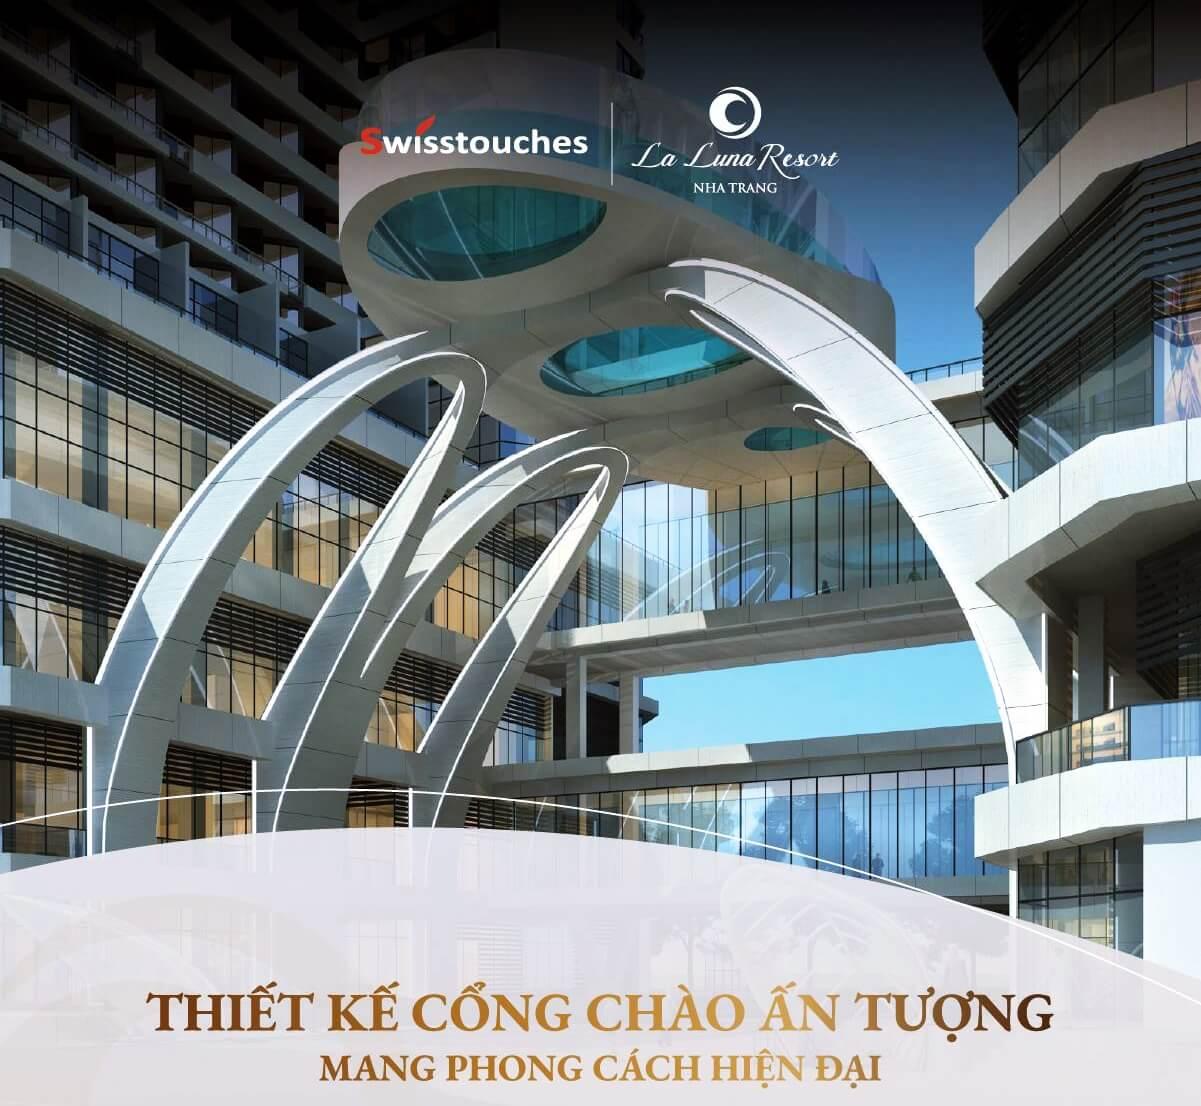 Thiết kế cổng chào ấn tượng chỉ có tại La Luna Resort